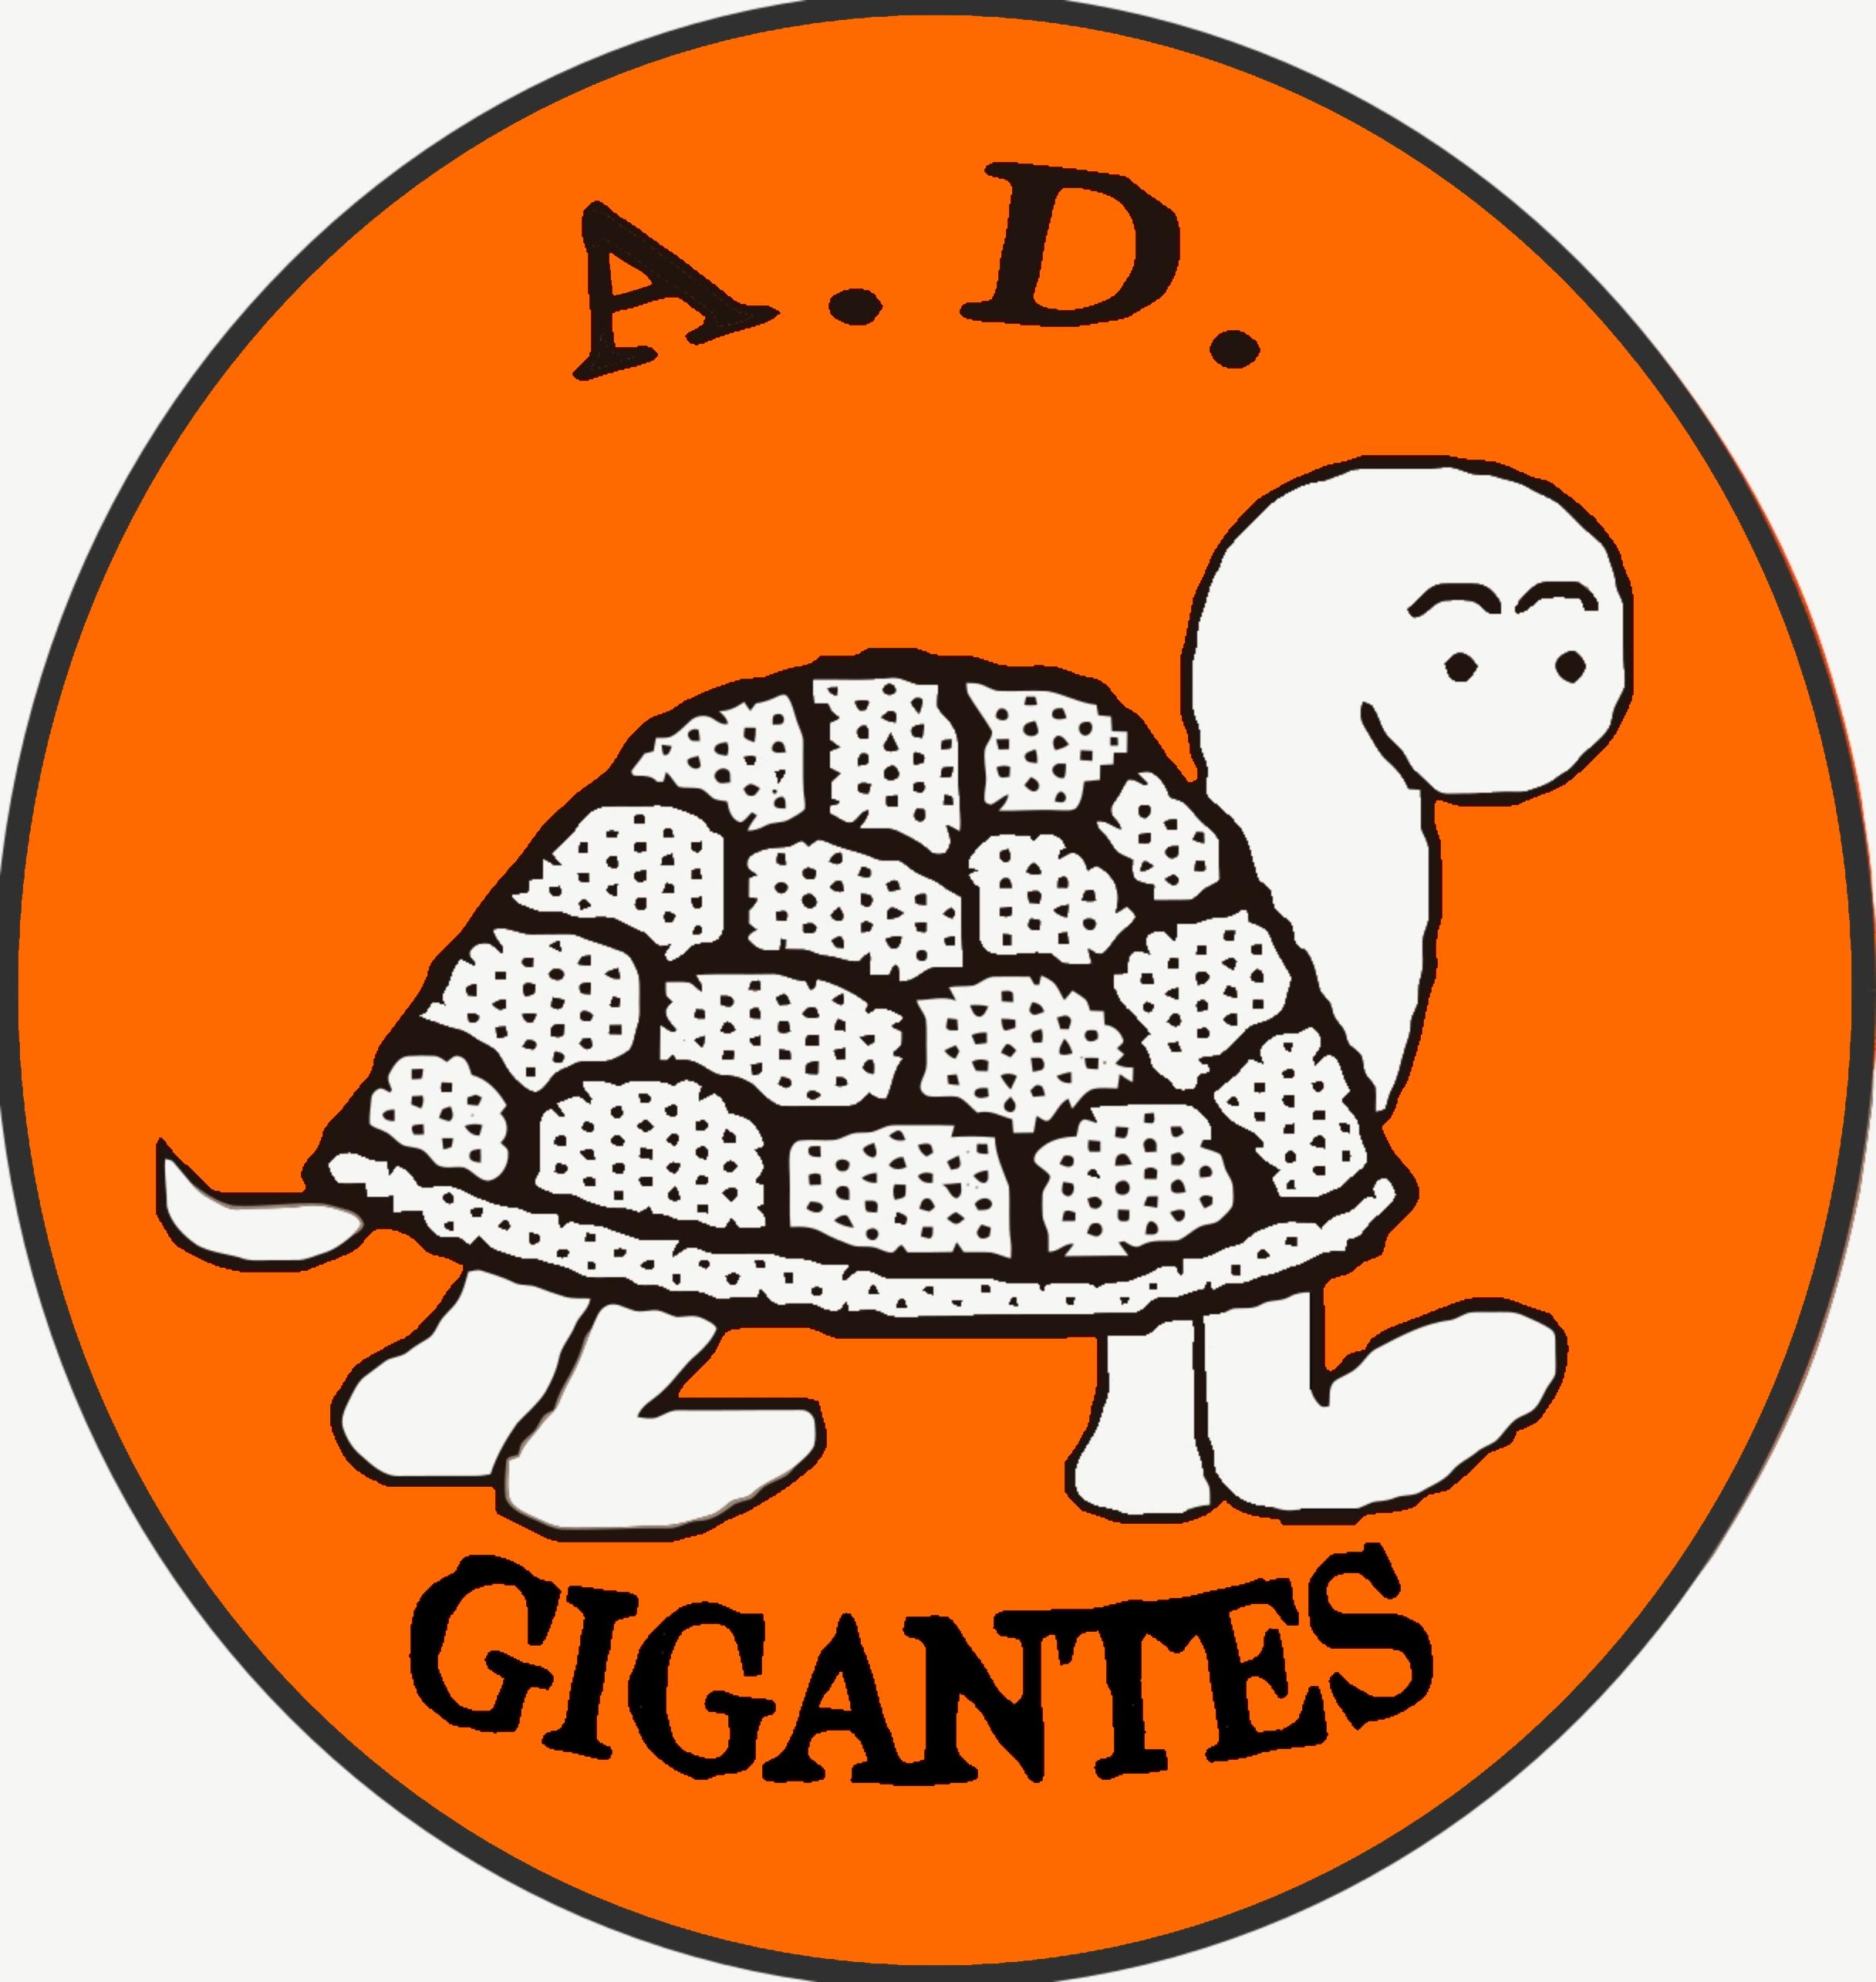 A.D. Gigantes